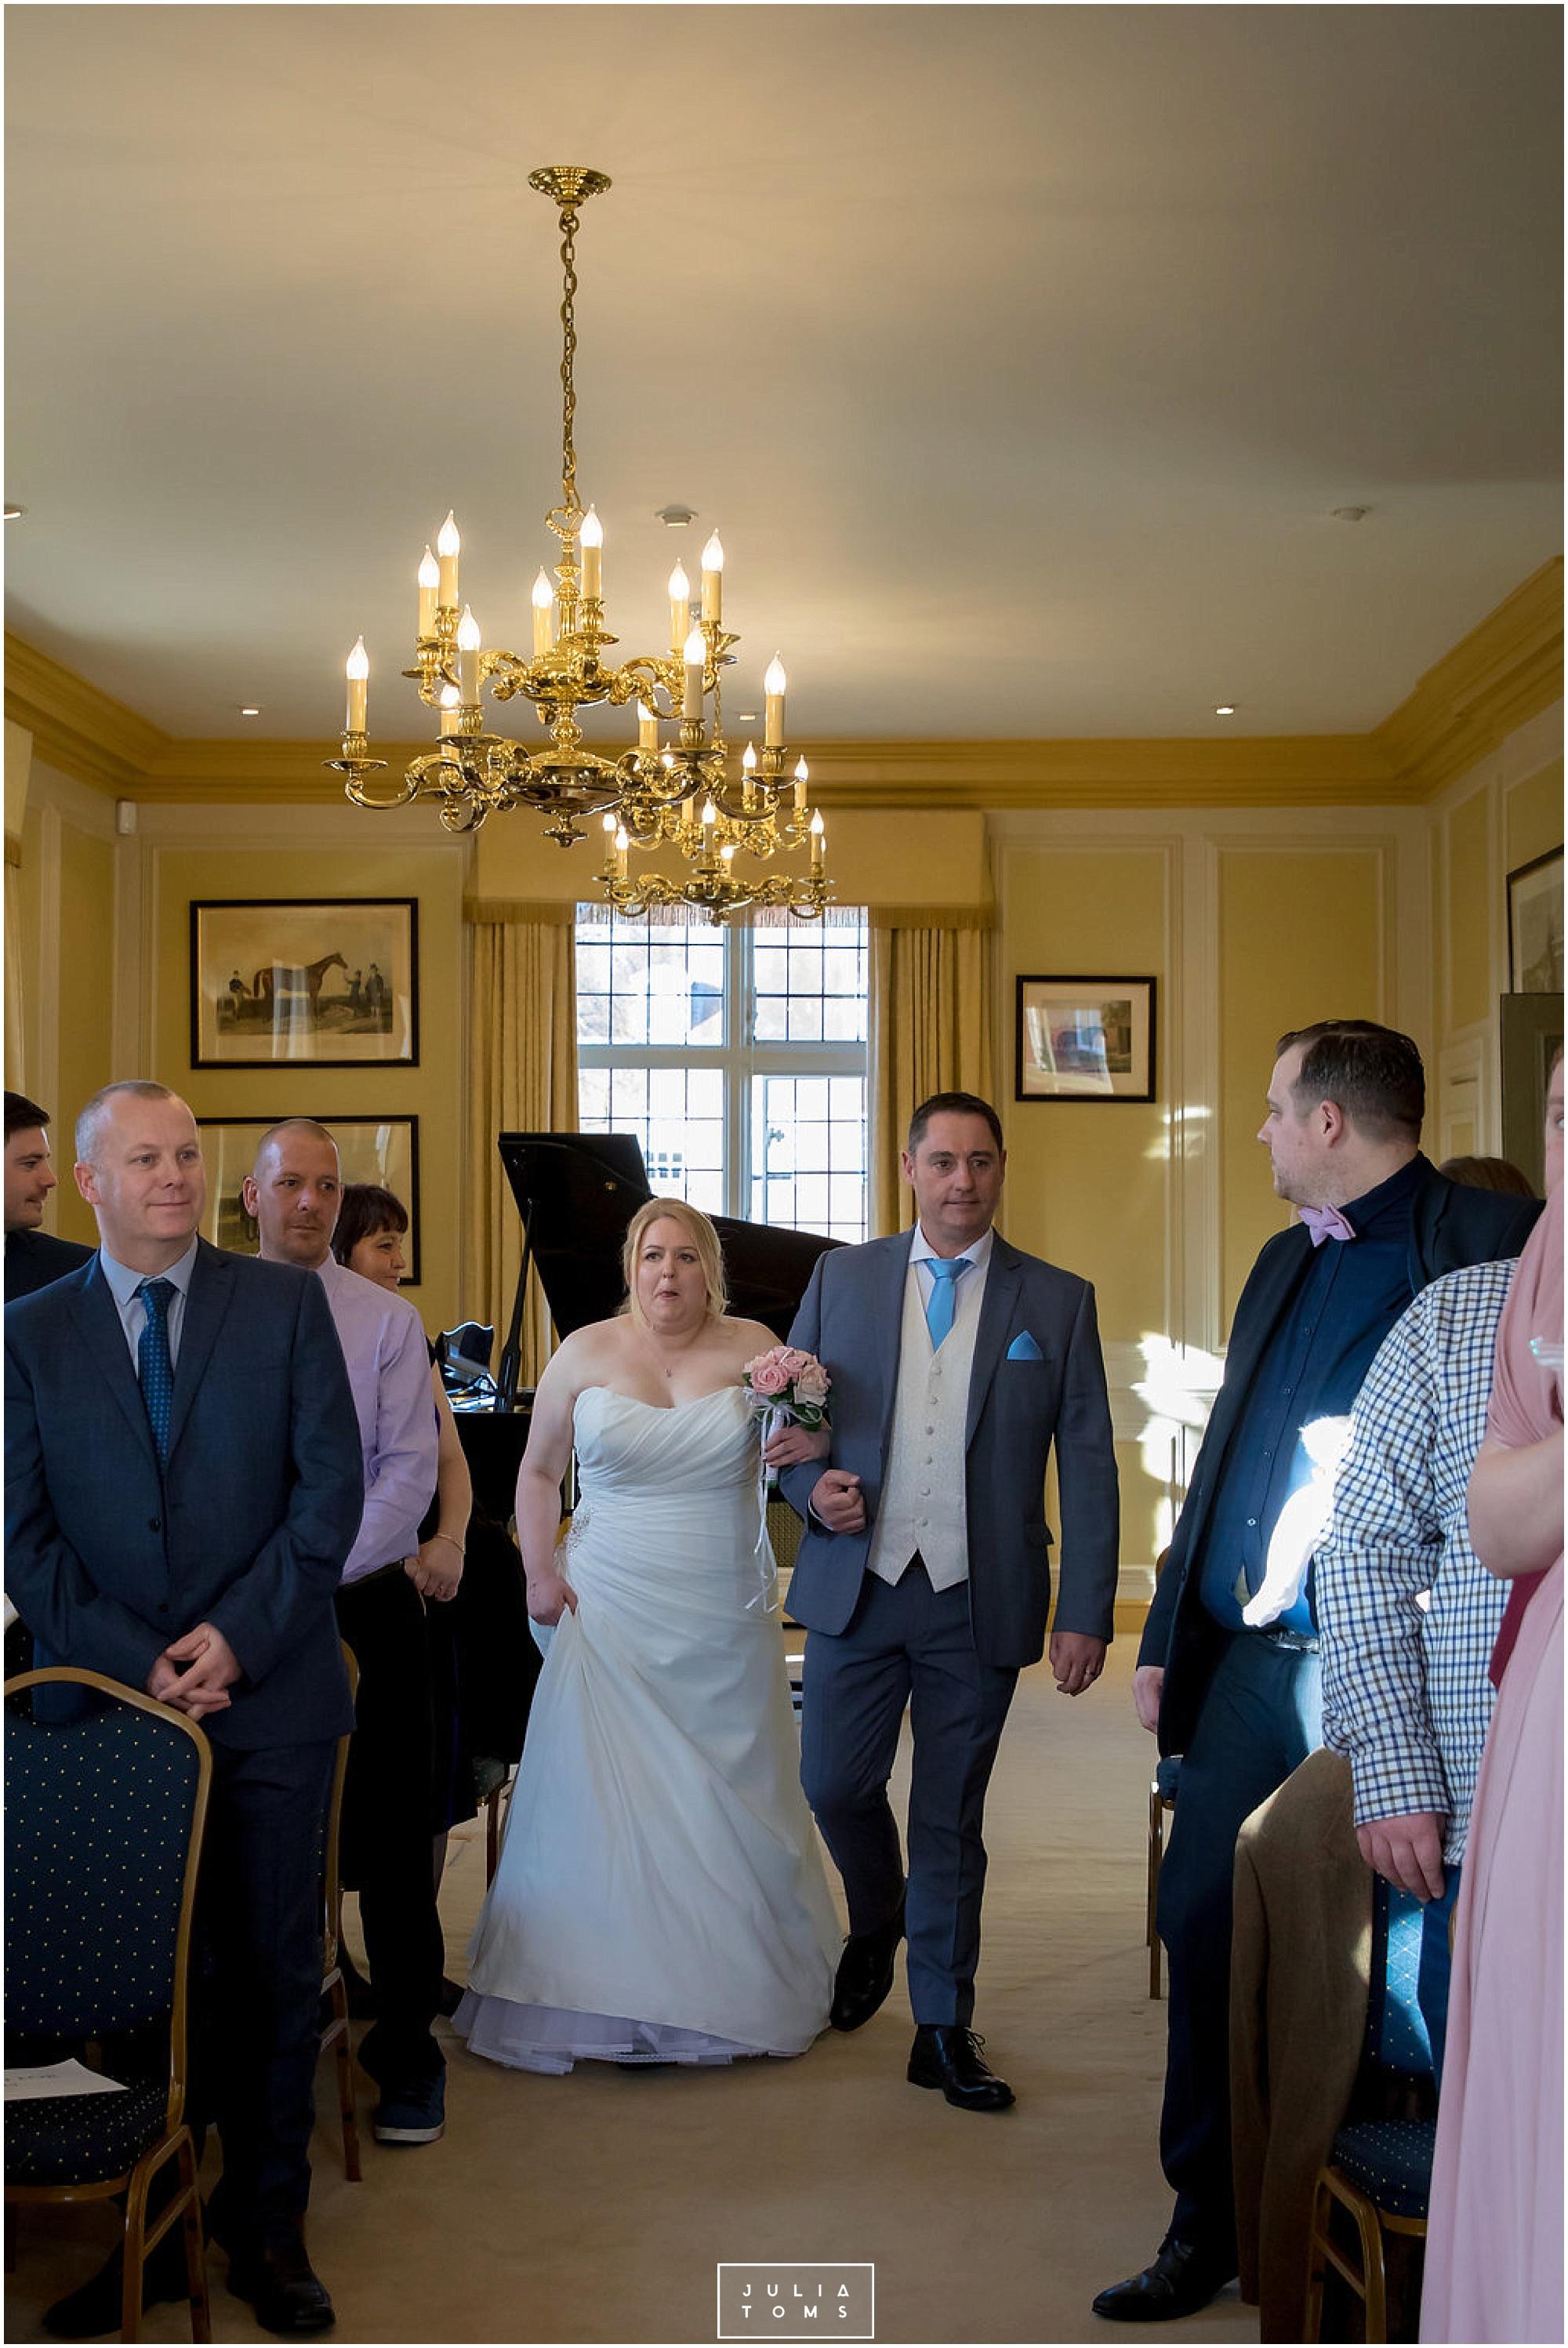 JuliaToms_chichester_wedding_photograher_edes_house_016.jpg